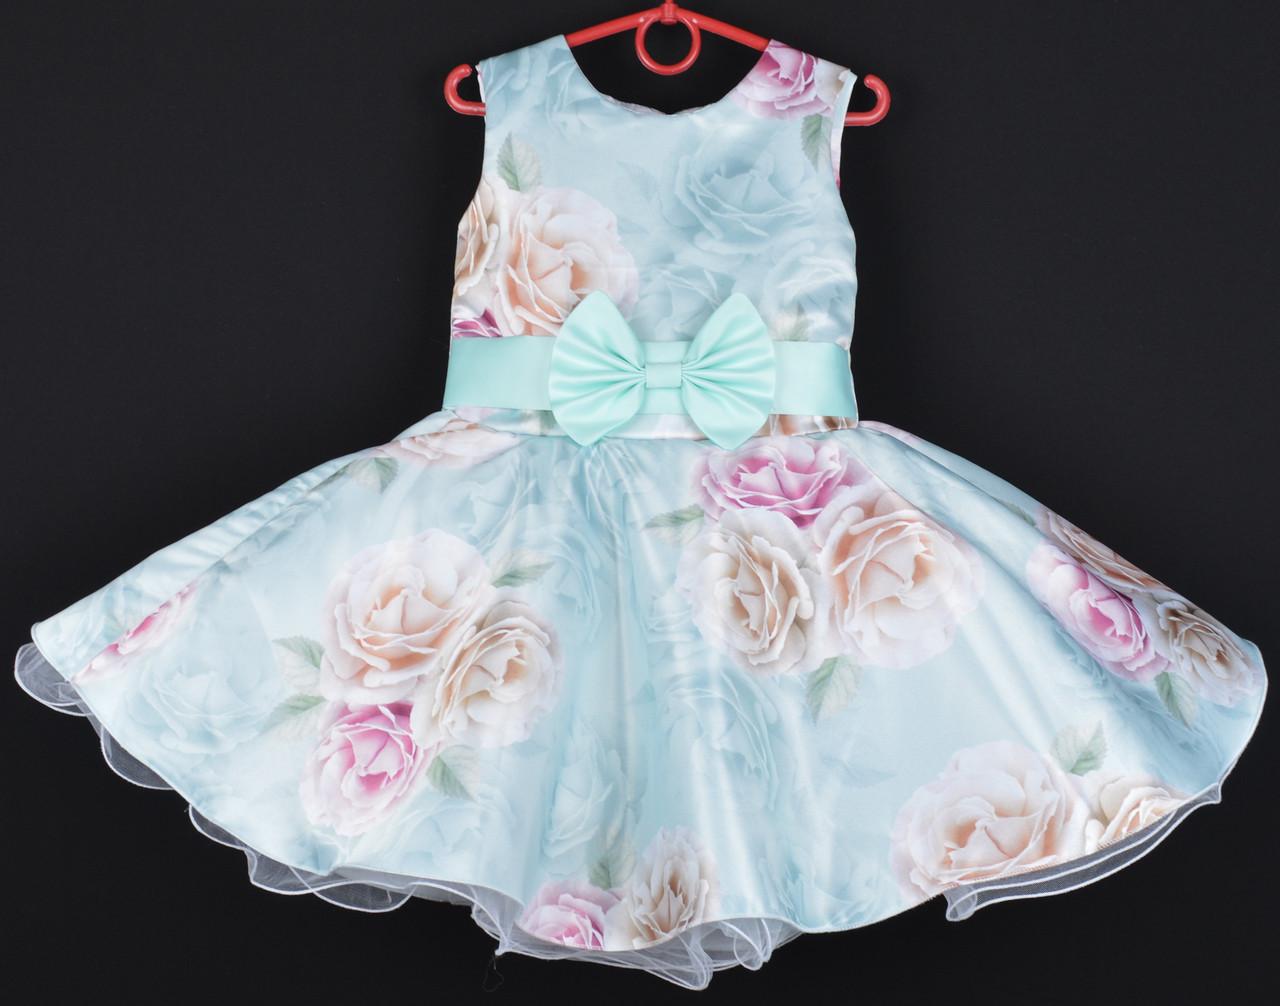 """Платье нарядное детское """"Синтия"""" 6-7 лет. Нежно-голубое с цветочным принтом. Оптом и в розницу"""